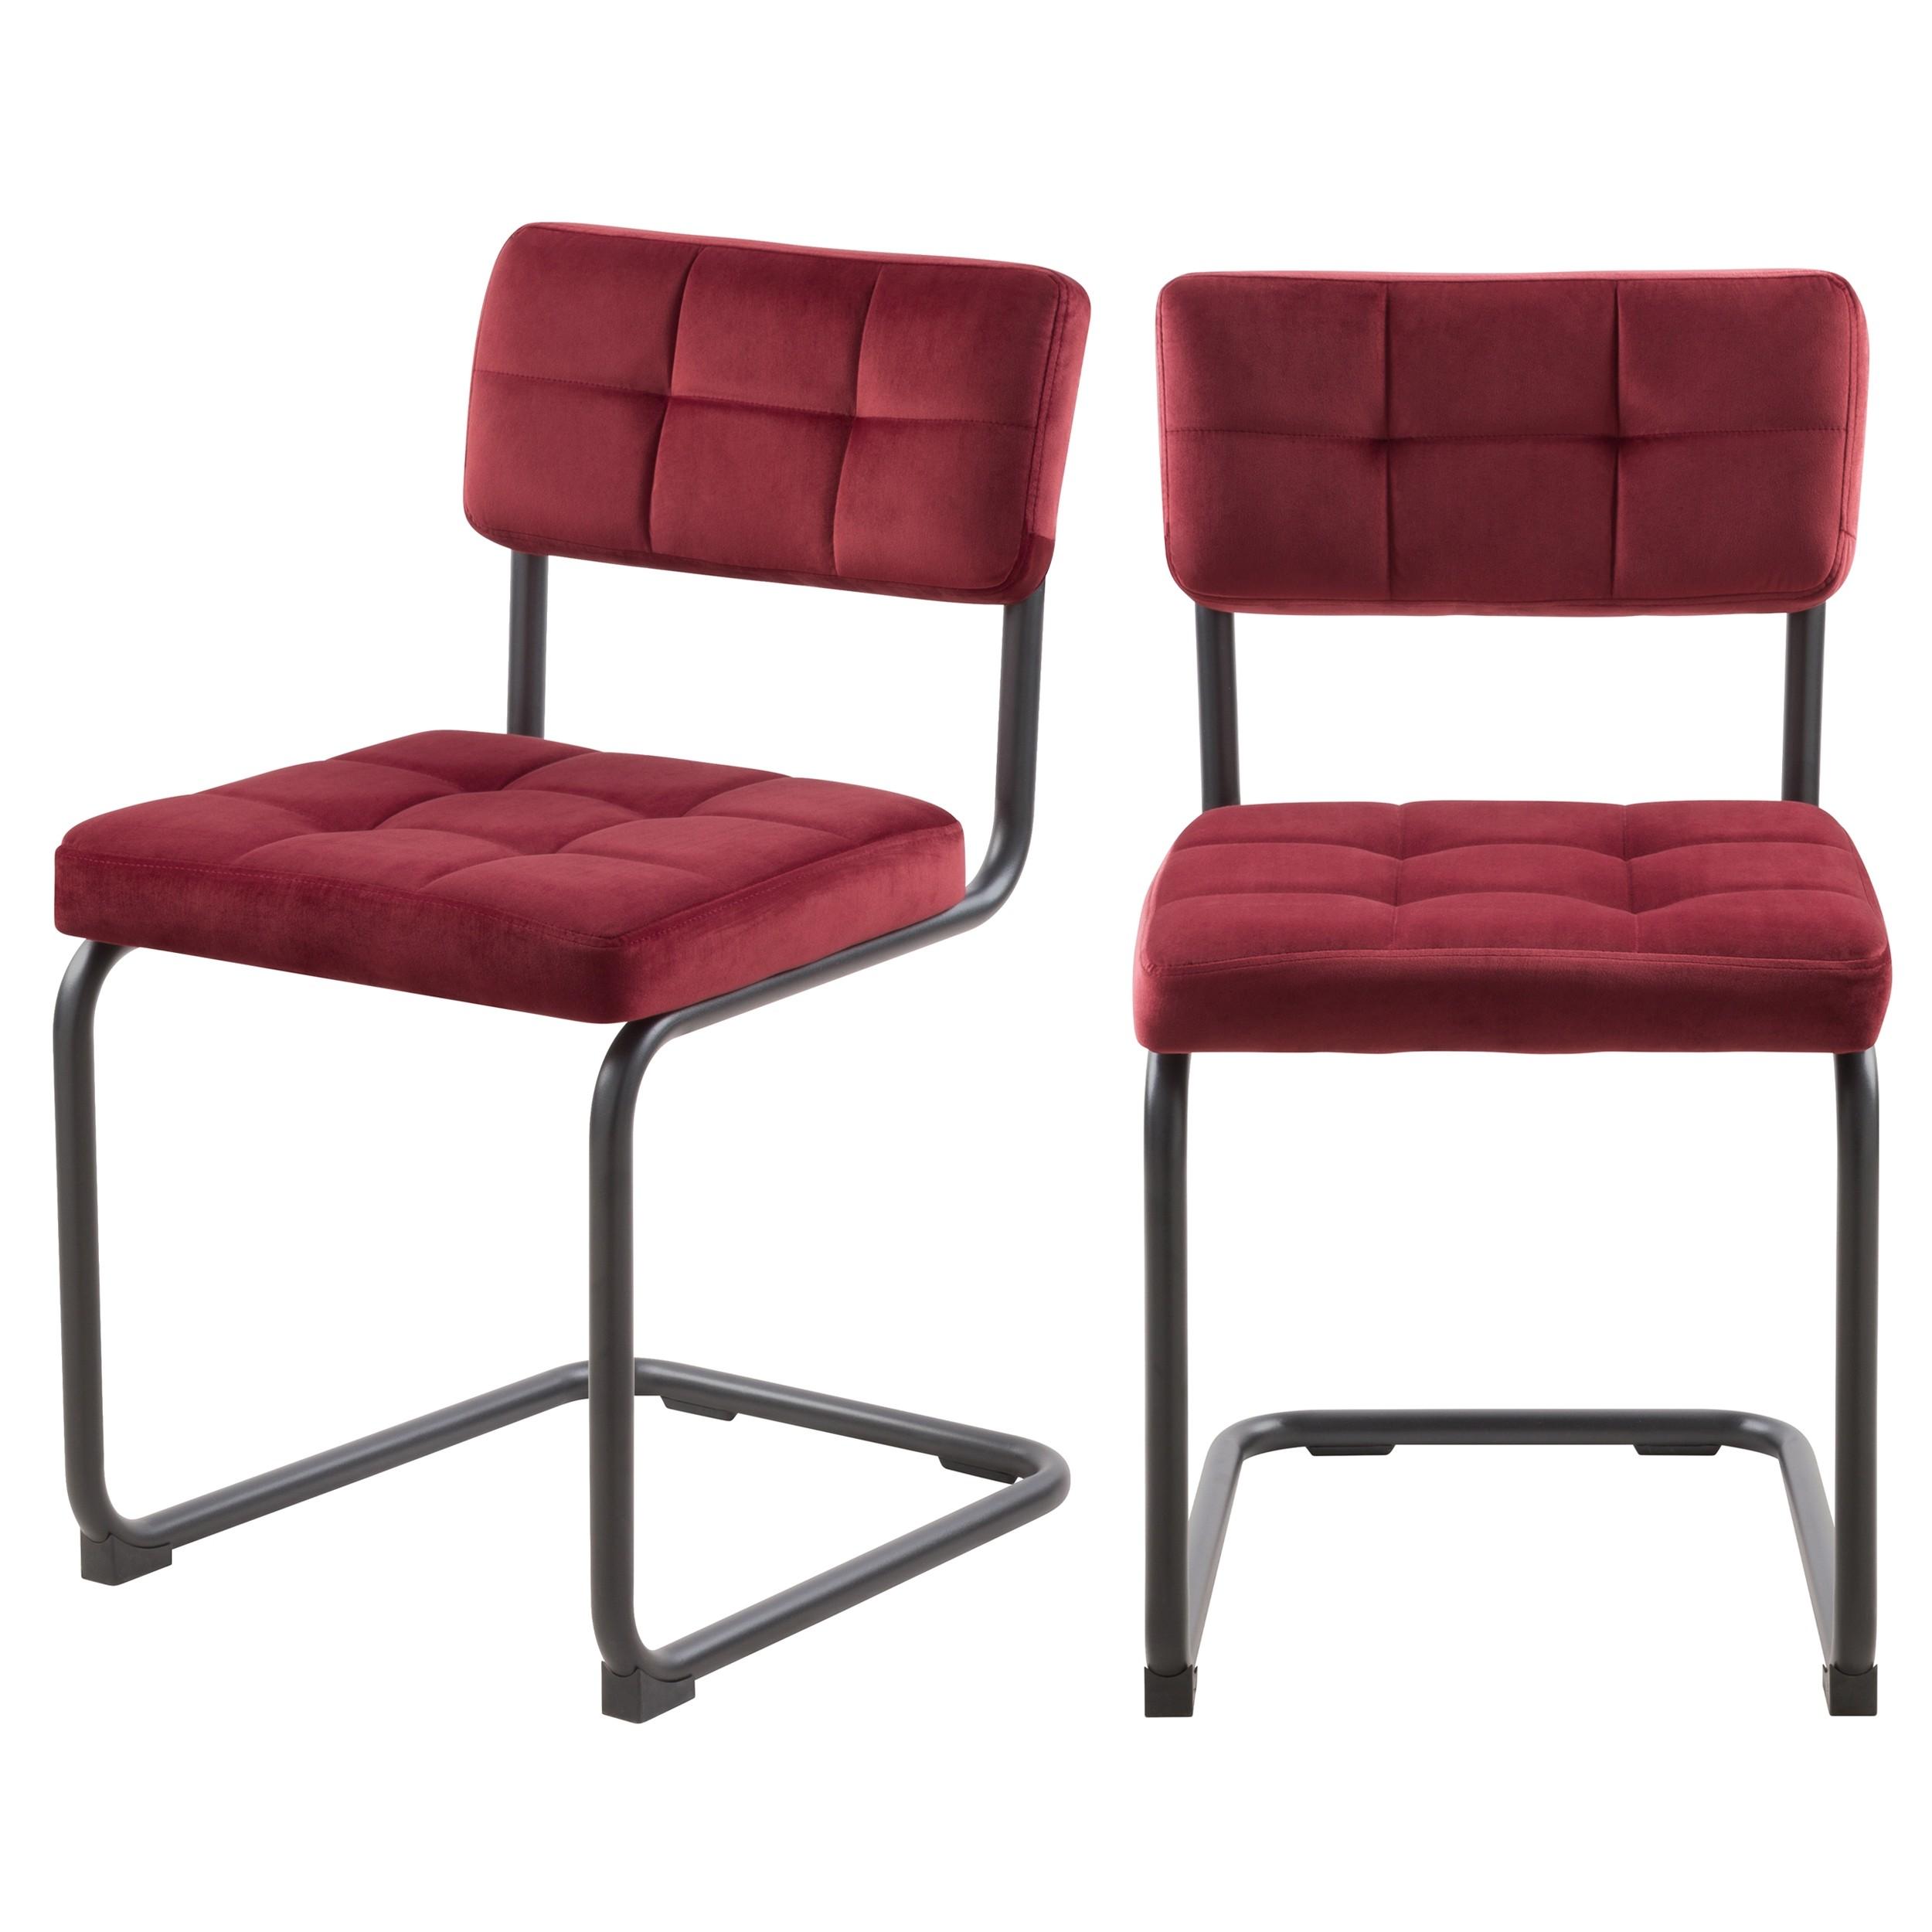 achat chaise bordeaux lot de 2 confort